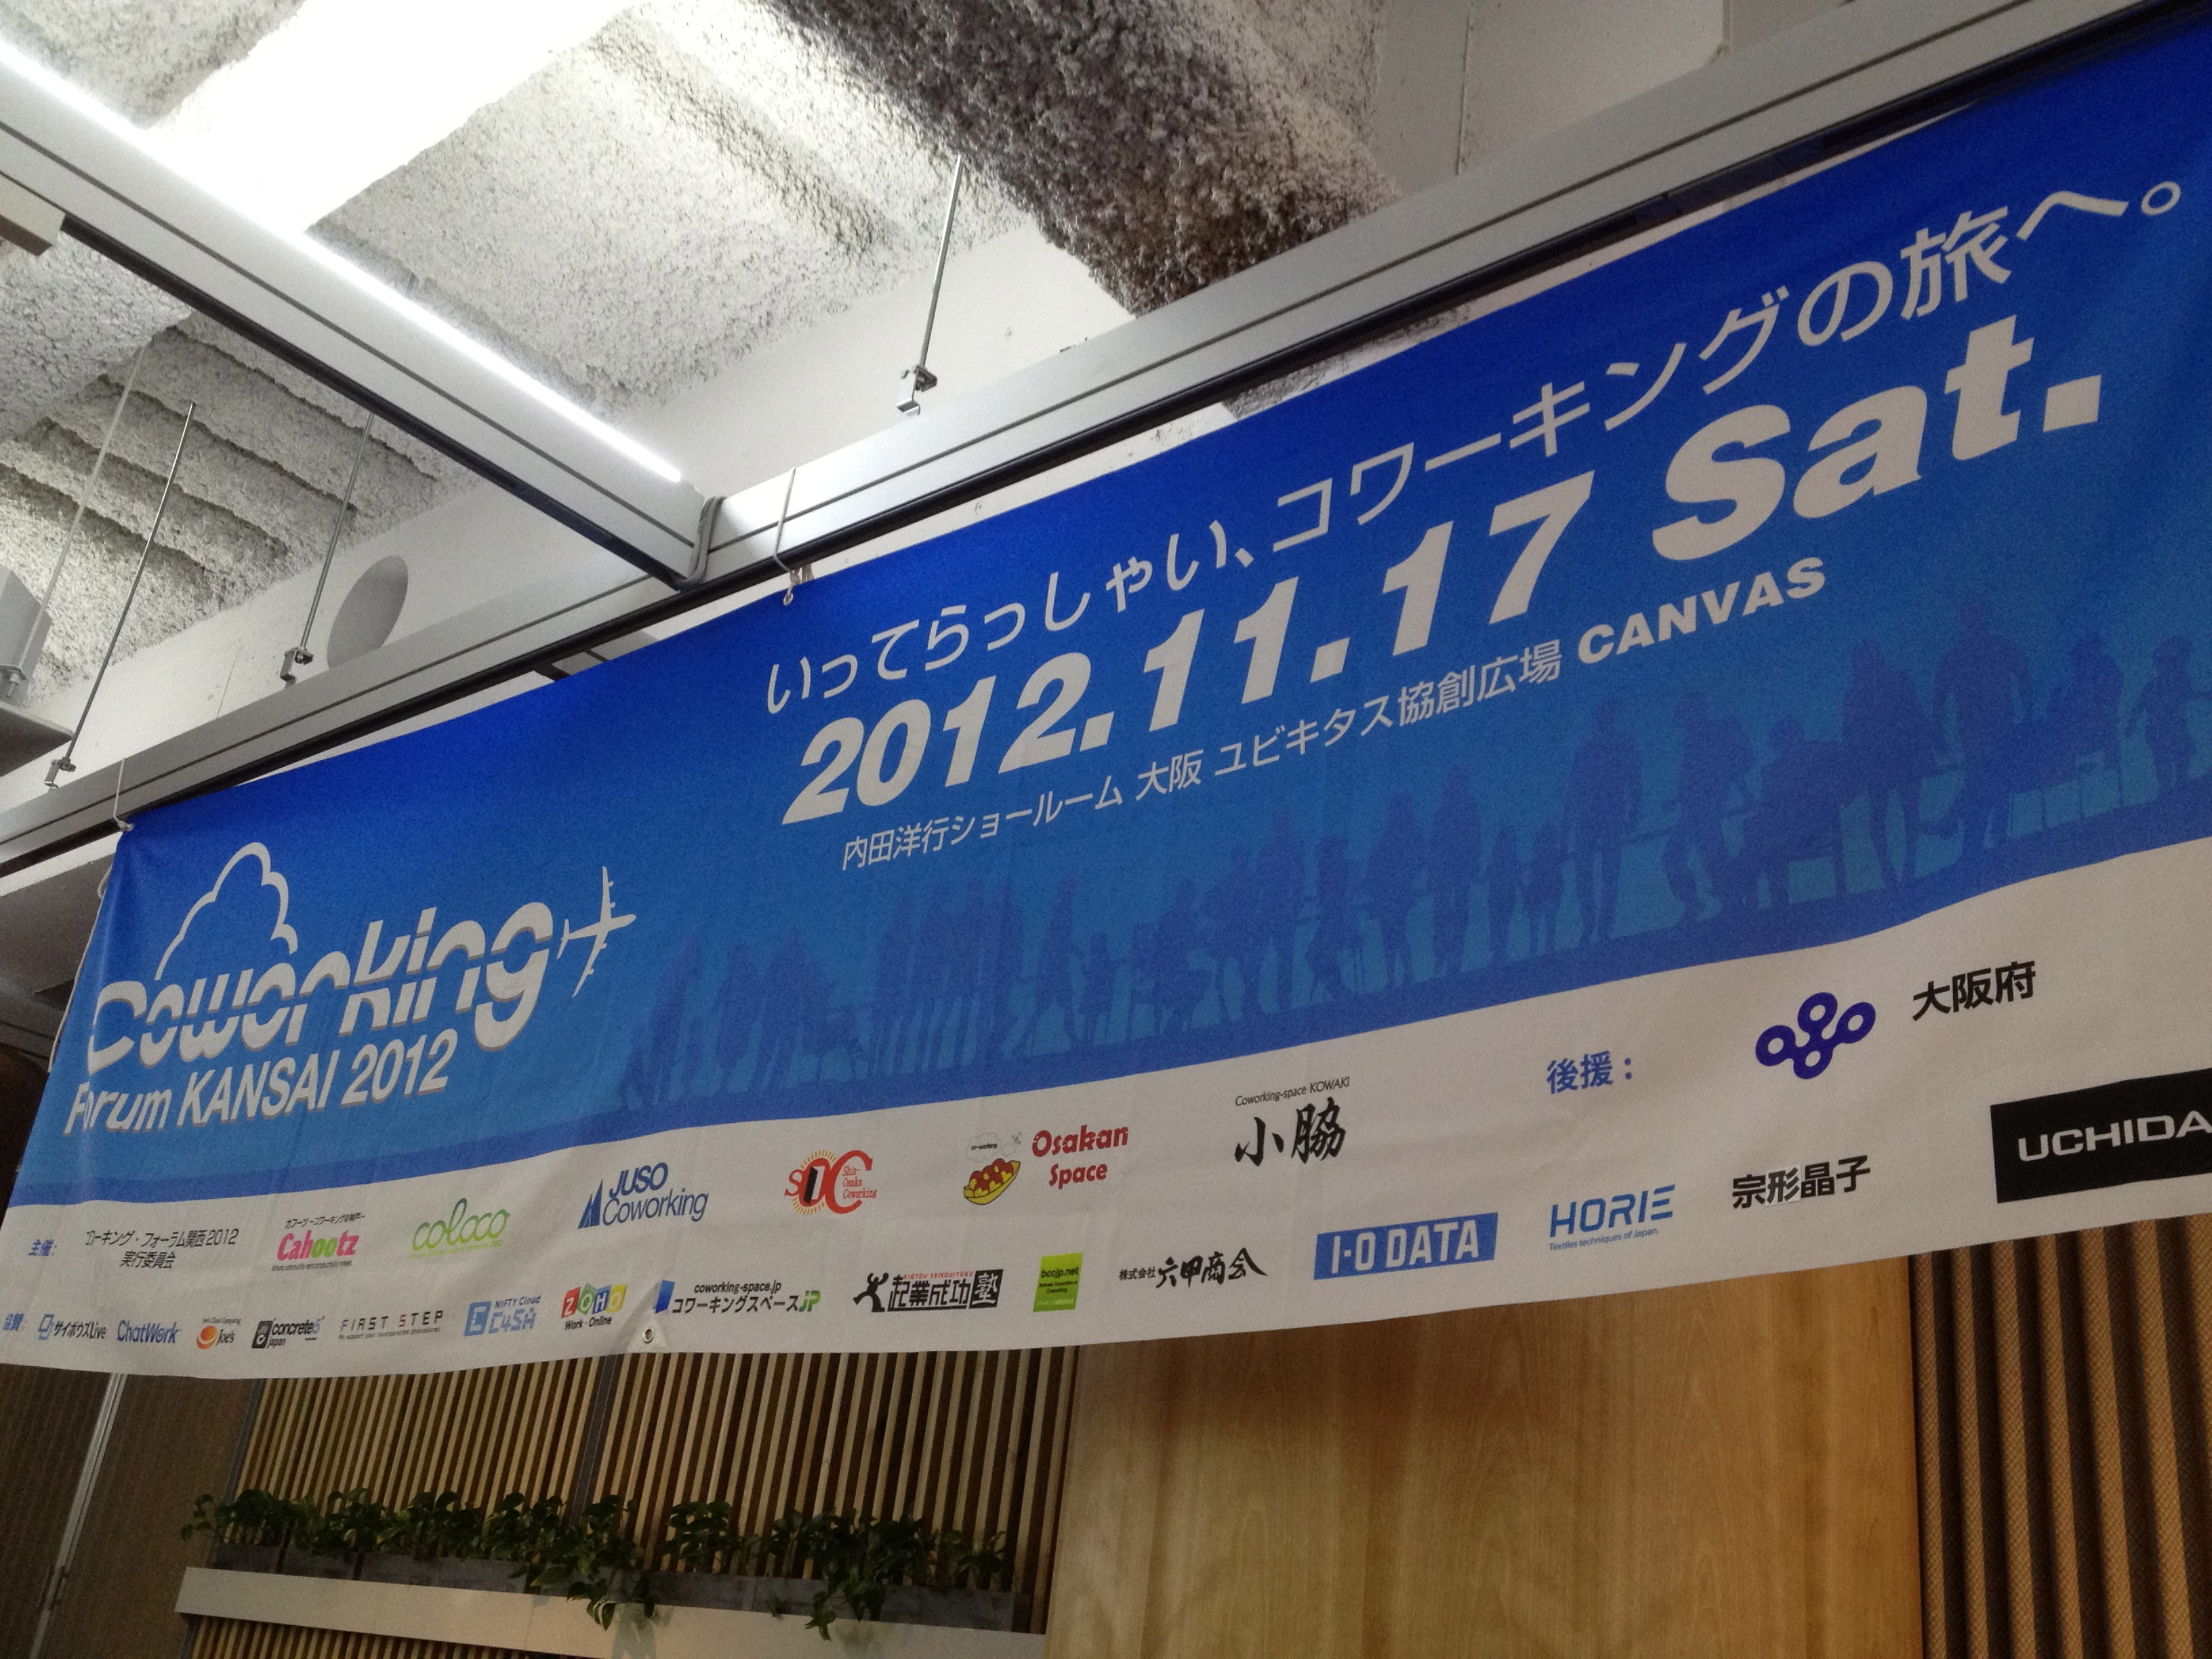 コワーキング・フォーラム関西 2012に行って来ました!